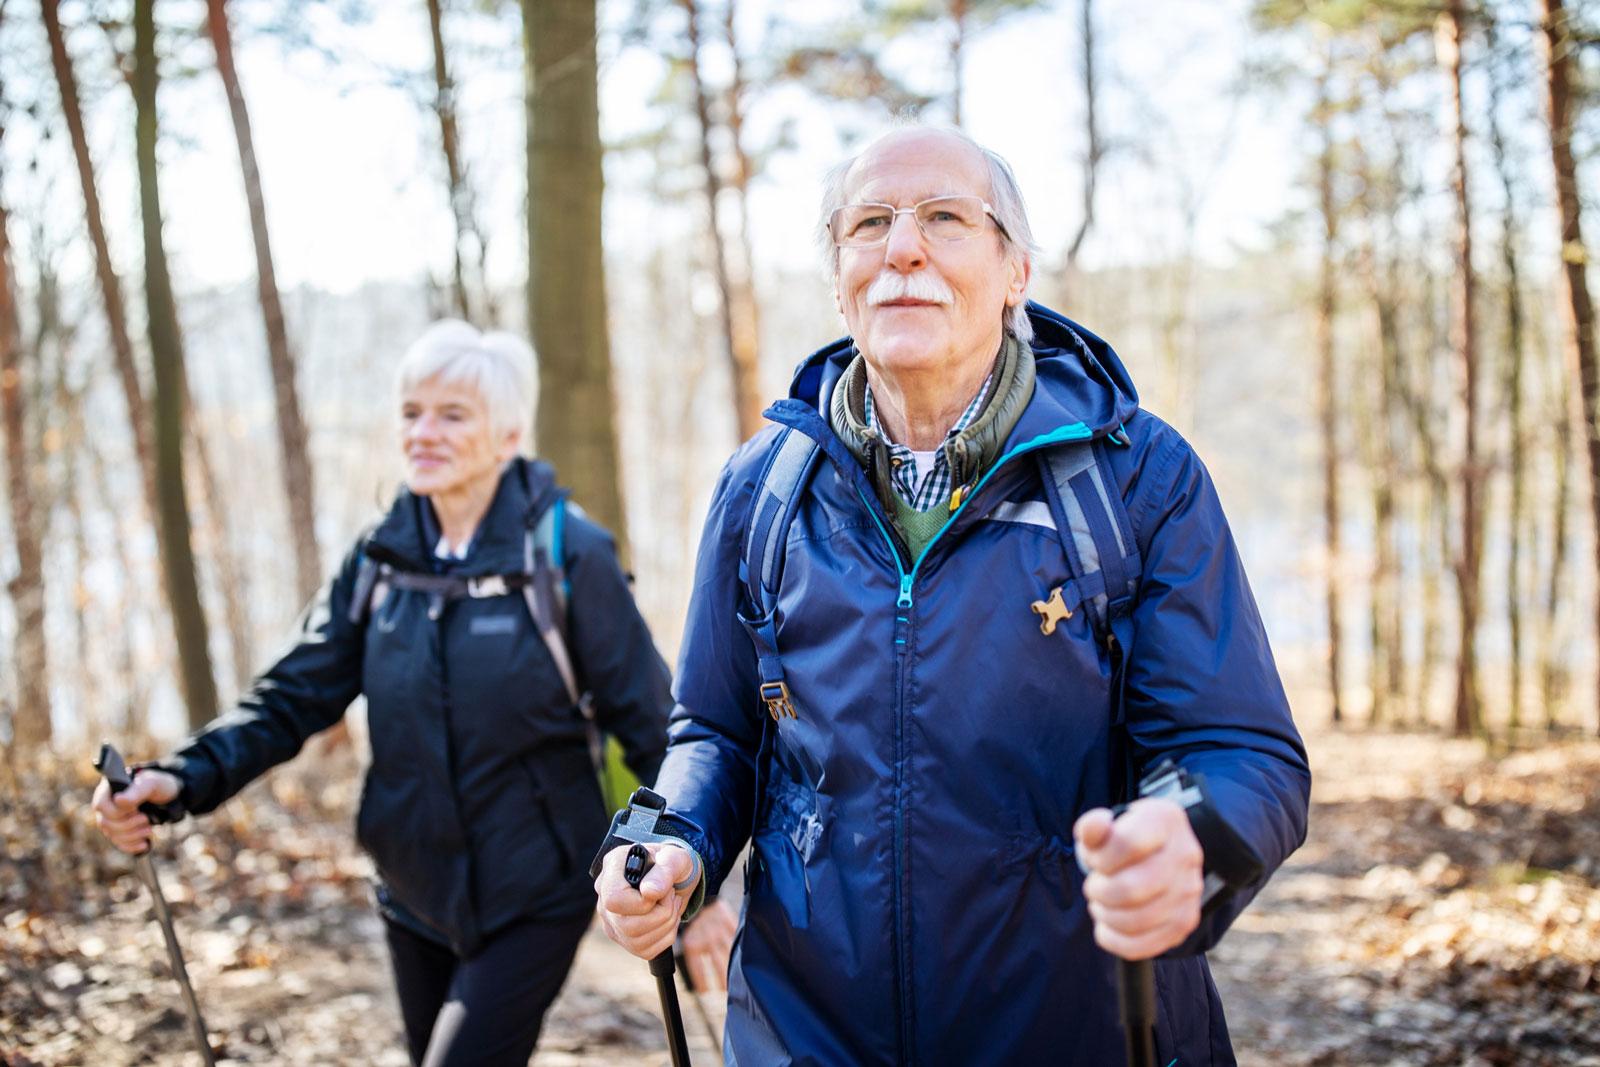 Lindert Beschwerden: Auch während einer Chemotherapie ist körperliche Aktivität ratsam.